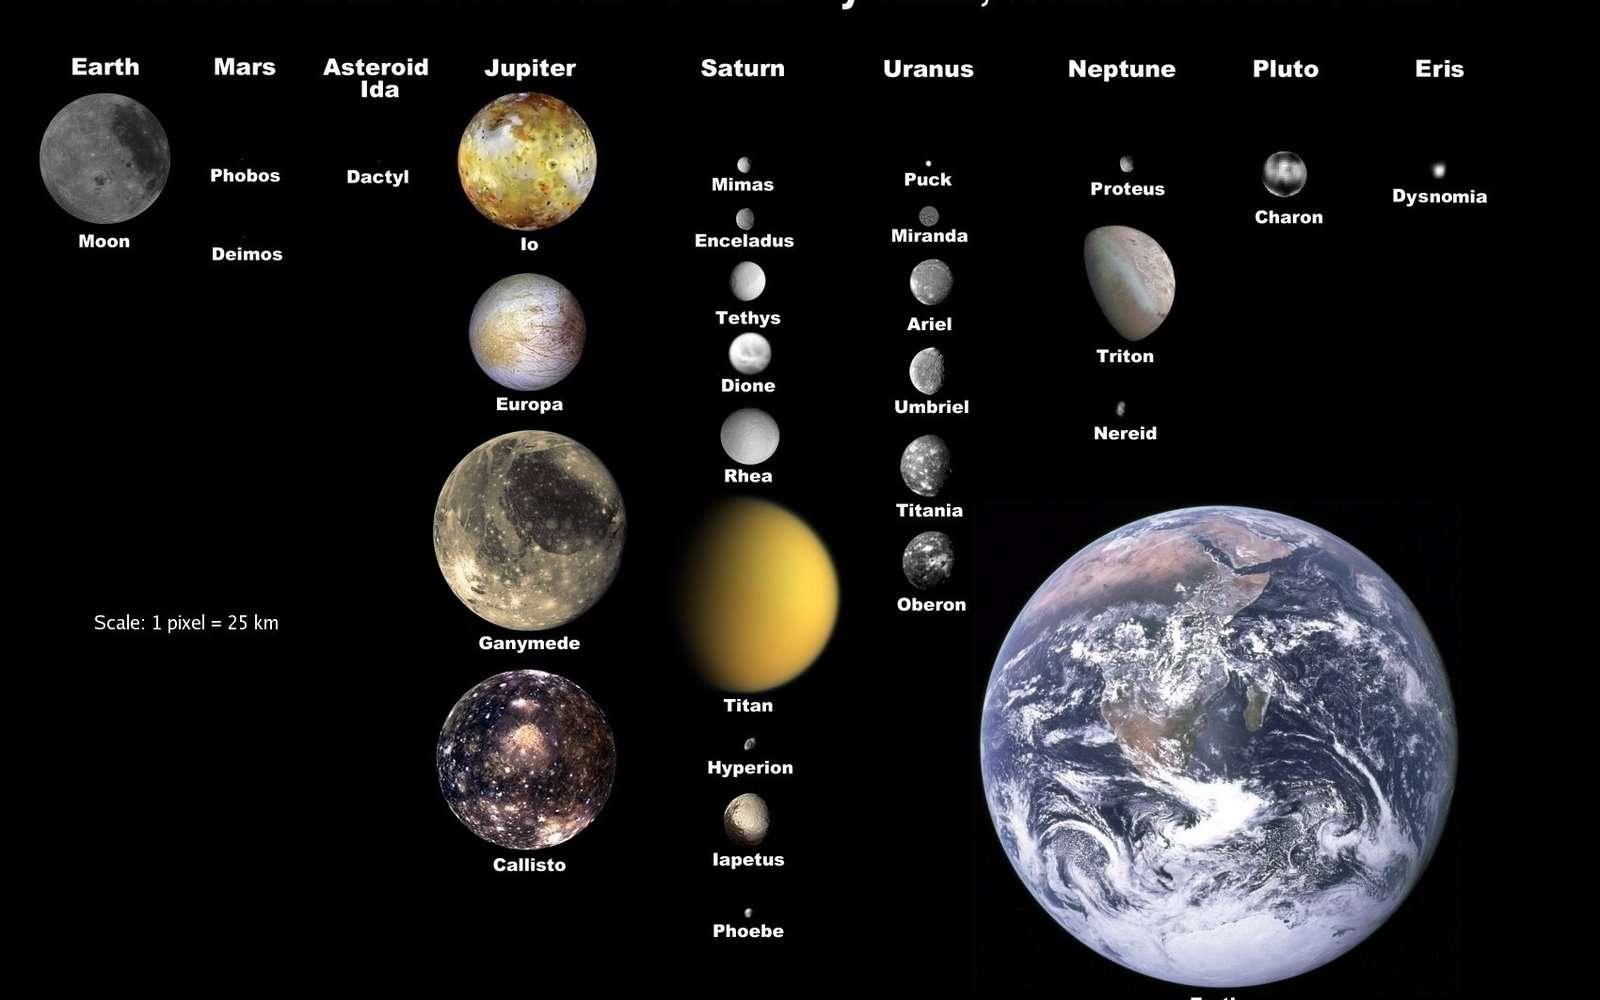 La taille de la Terre comparée à celle des autres lunes du Système solaire montre que l'on peut parler d'elle comme formant un système de planète double avec la Lune. © Nasa